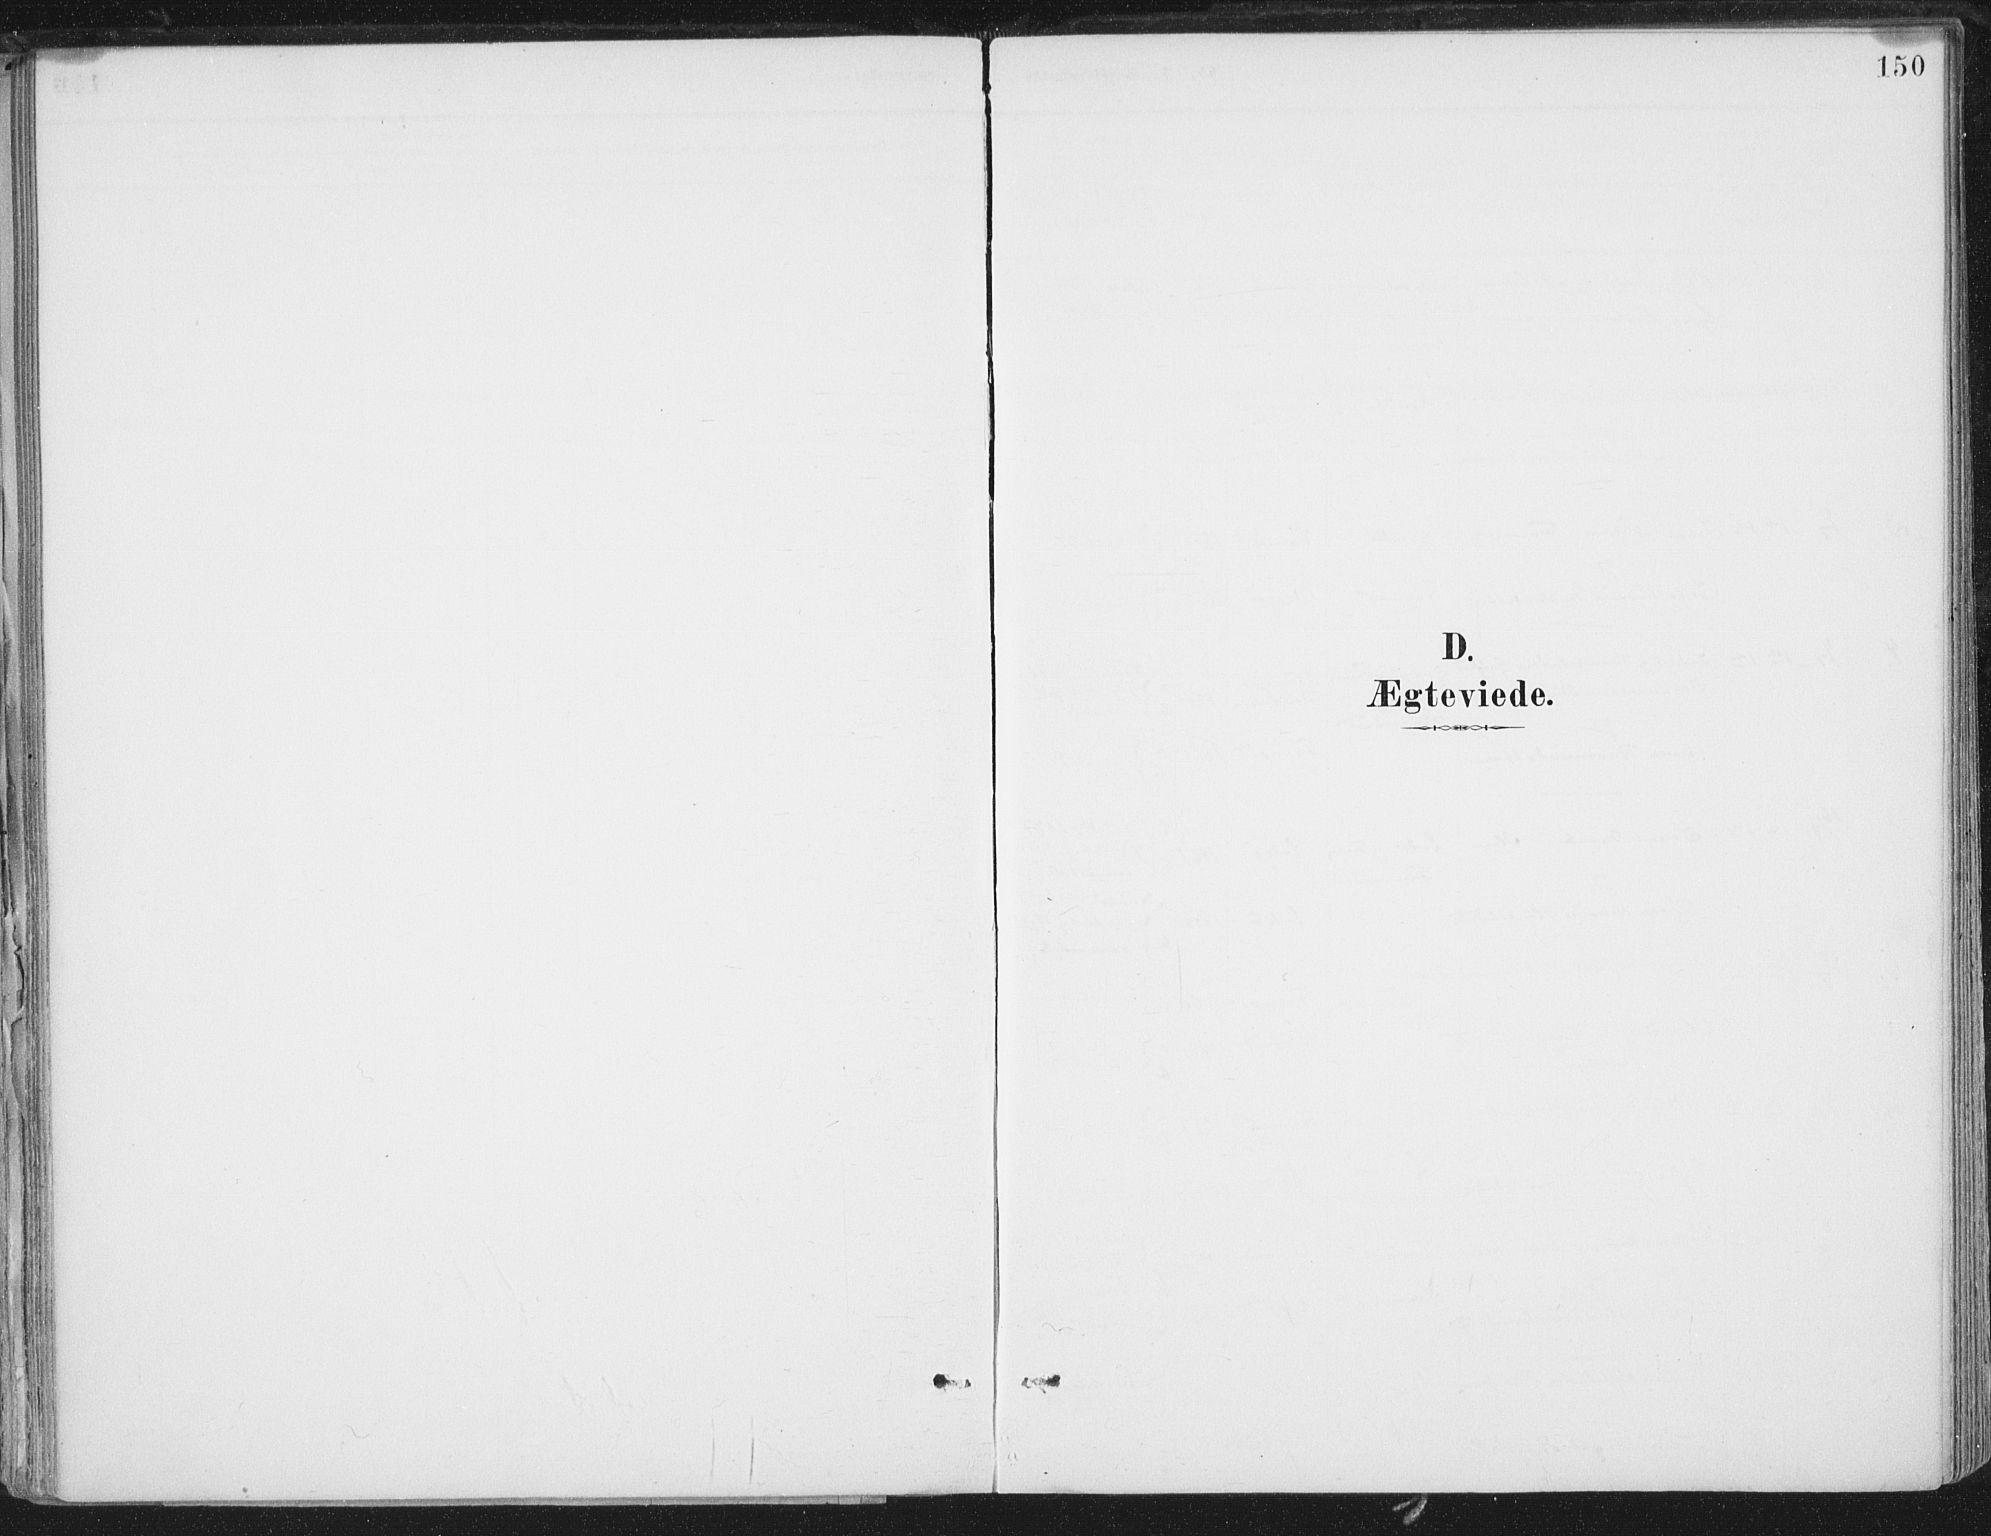 SAT, Ministerialprotokoller, klokkerbøker og fødselsregistre - Nord-Trøndelag, 786/L0687: Ministerialbok nr. 786A03, 1888-1898, s. 150